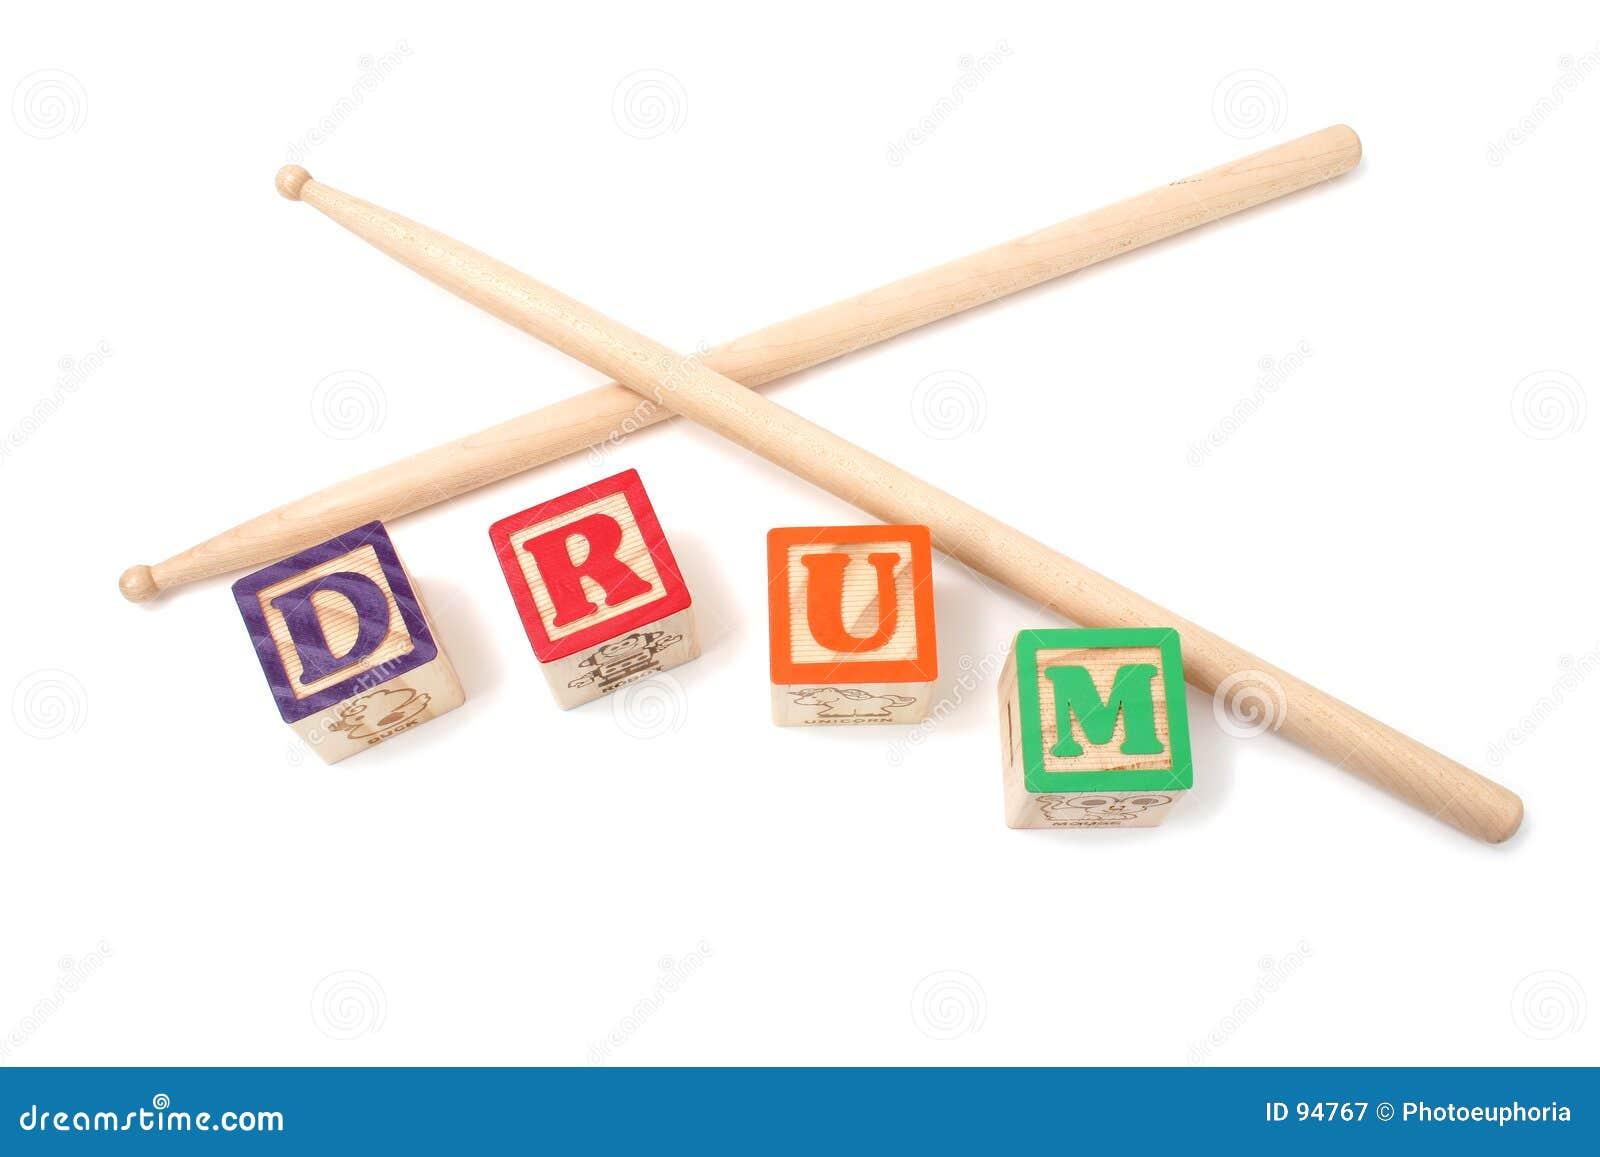 οι ομάδες δεδομένων αλφάβητου παίζουν τύμπανο το ραβδί